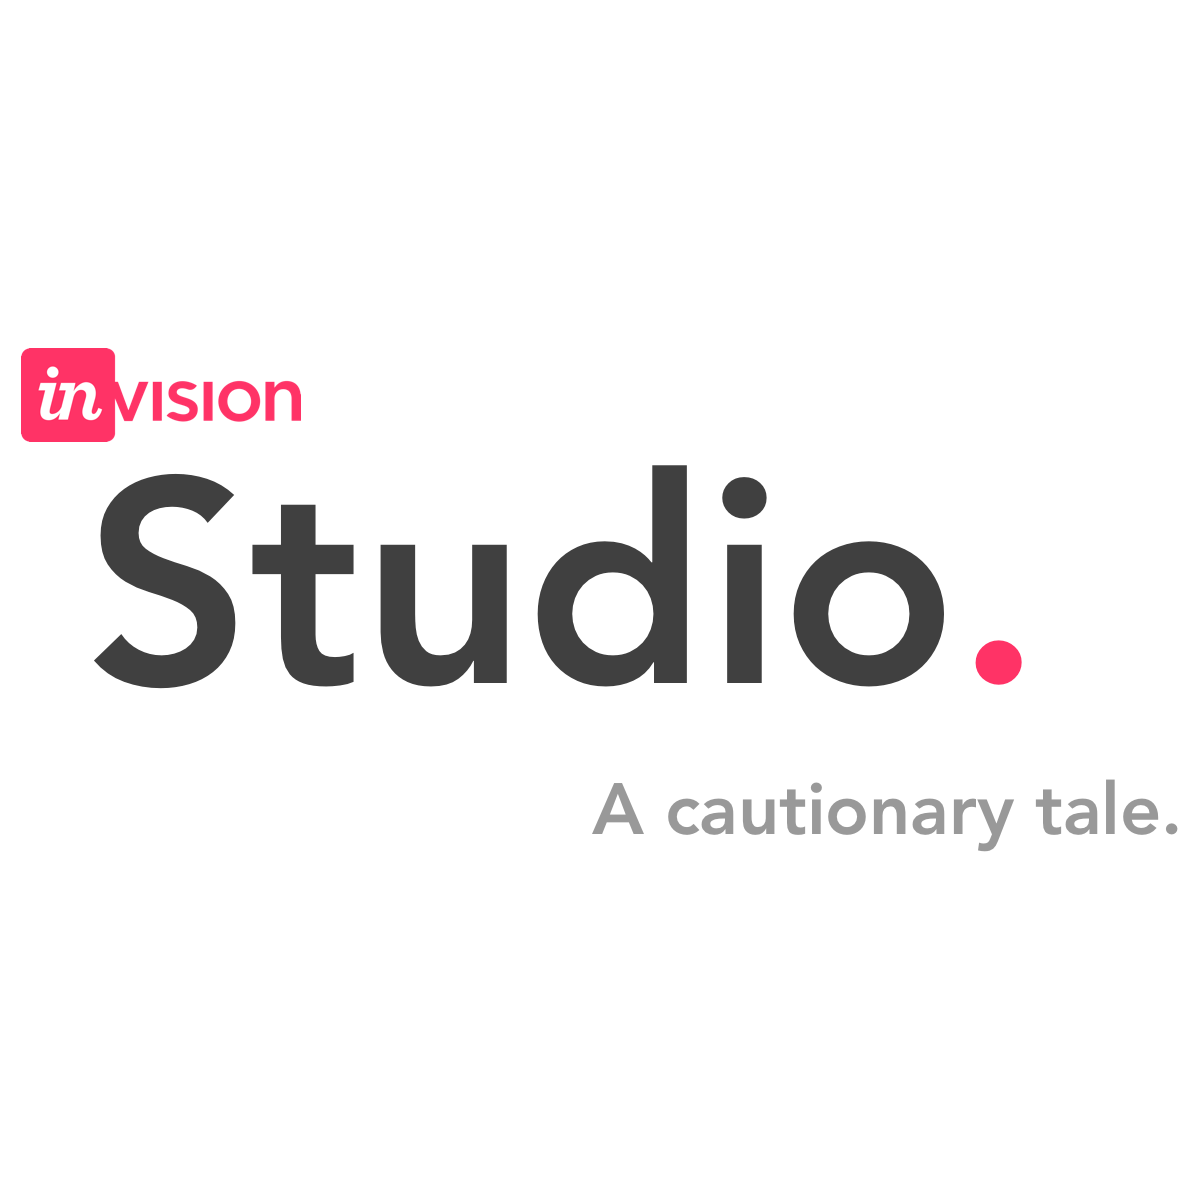 Daftar Lengkap Pintasan atau Shortcut InVision Studio